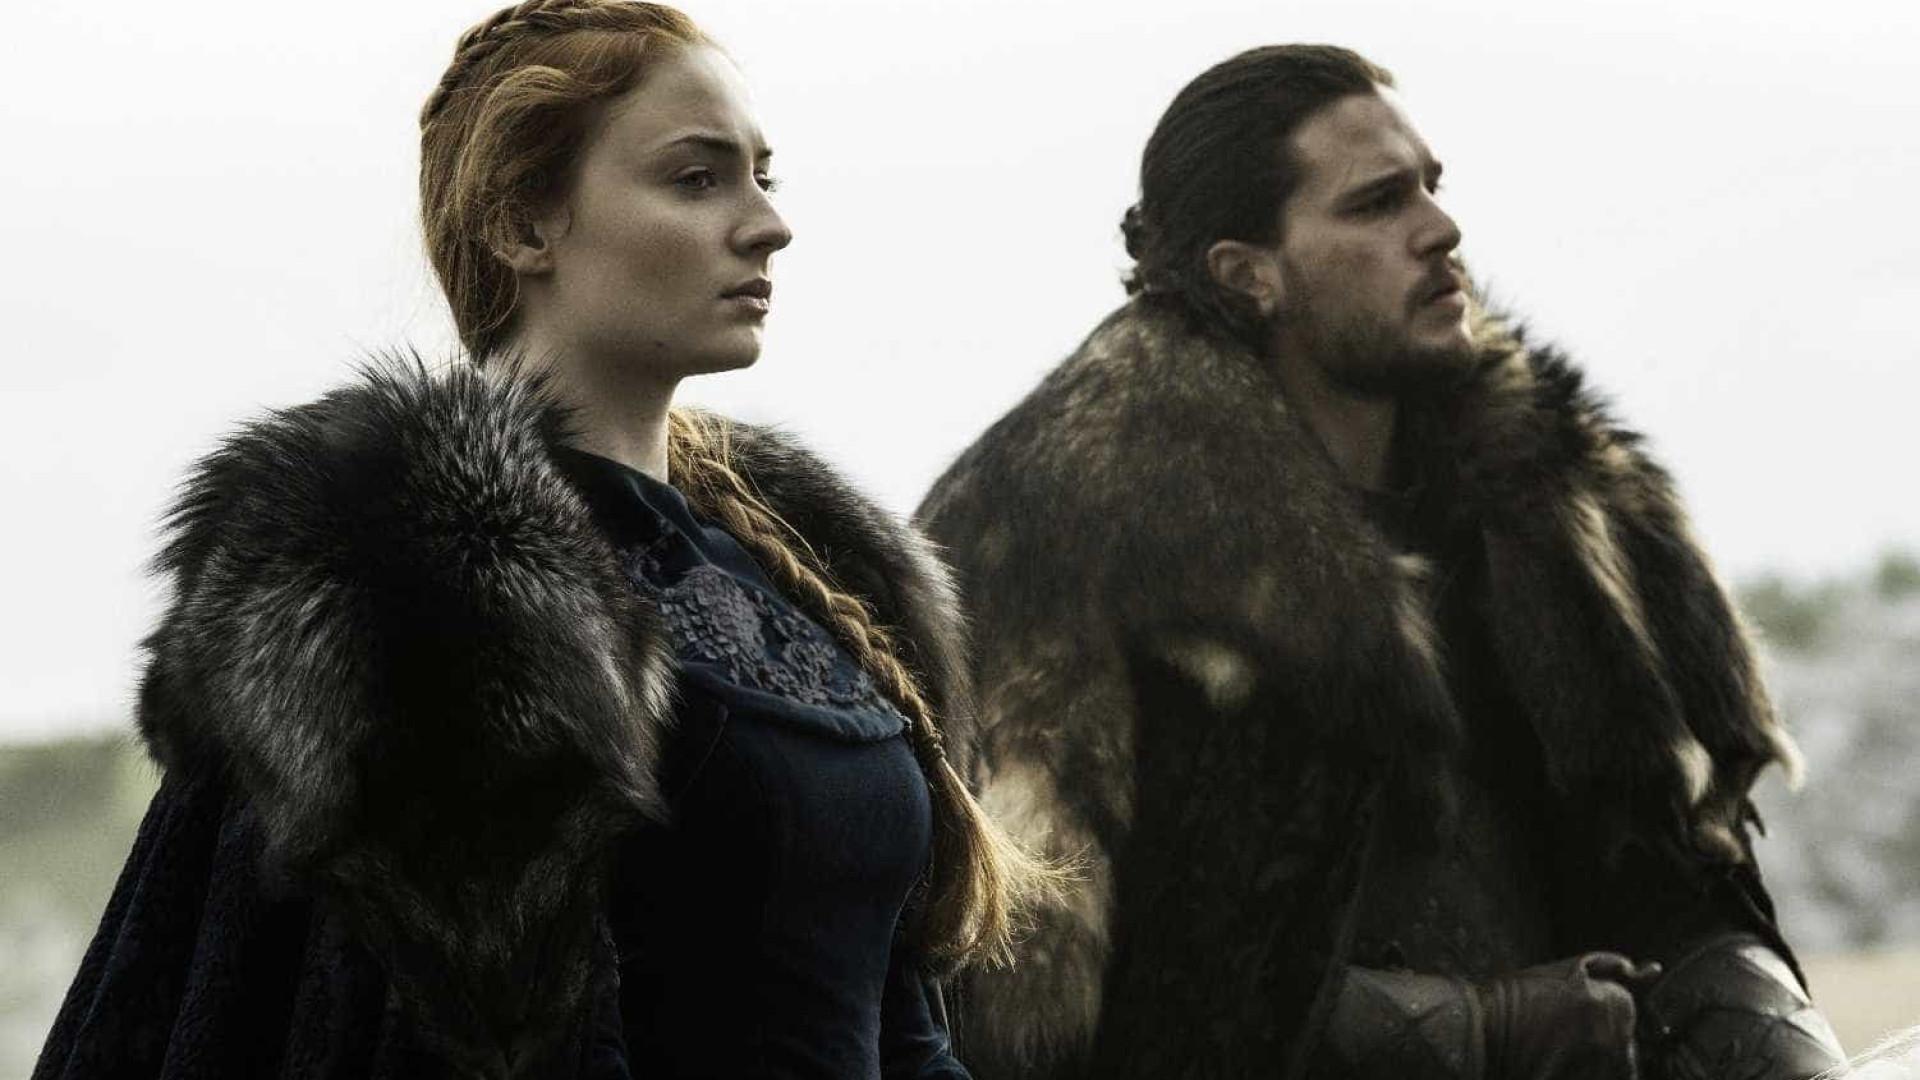 'Guerra dos Tronos' lidera nomeações para os Emmys